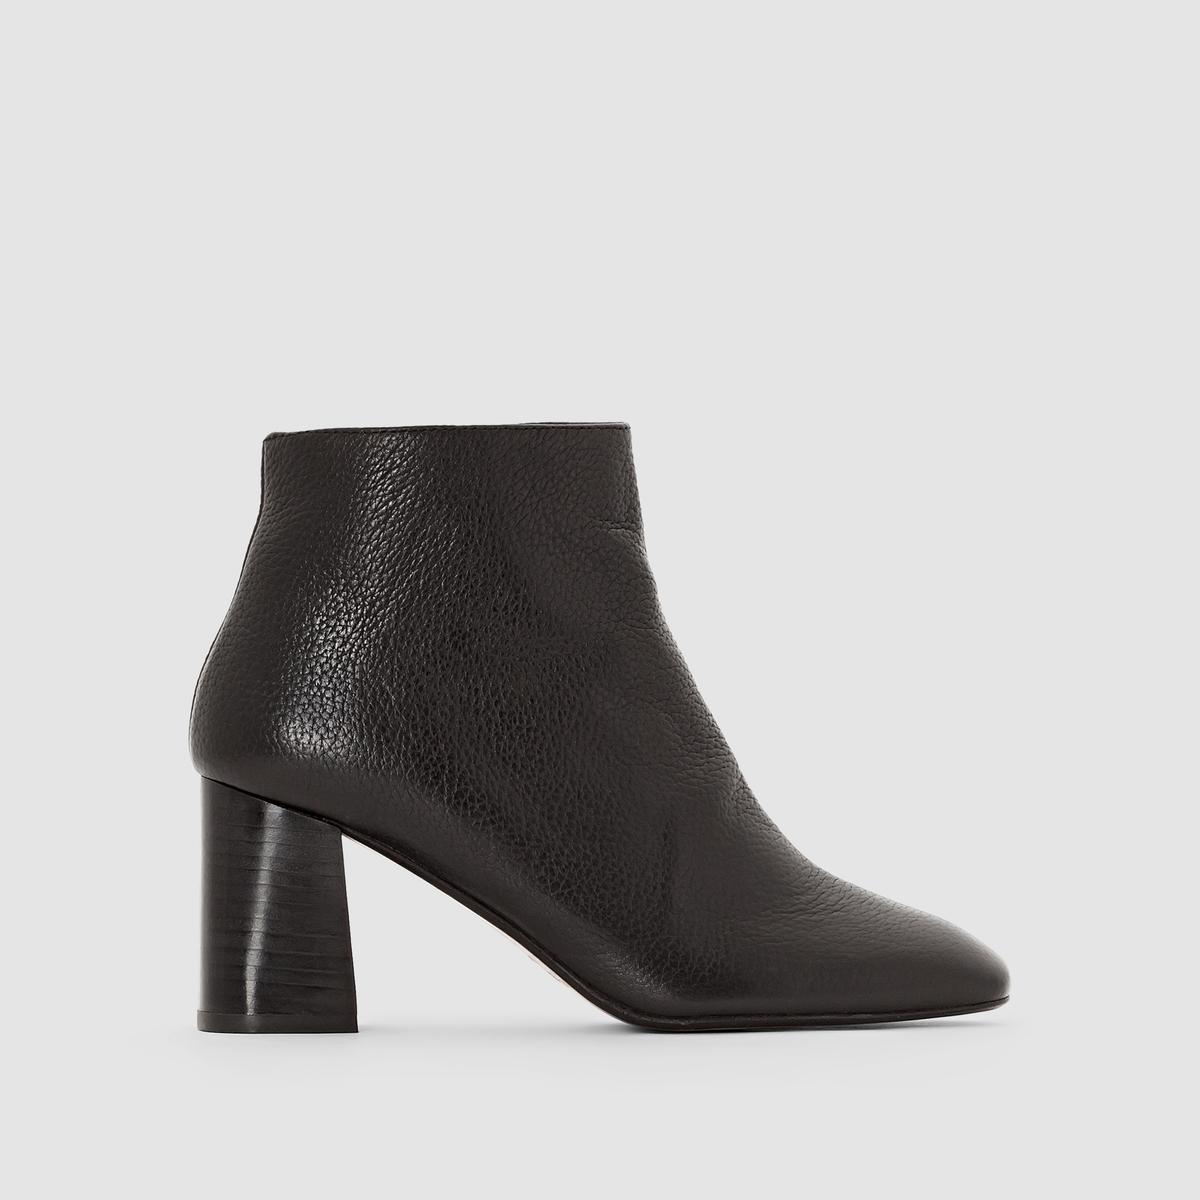 Ботильоны кожаные на высоком каблуке Daly цены онлайн